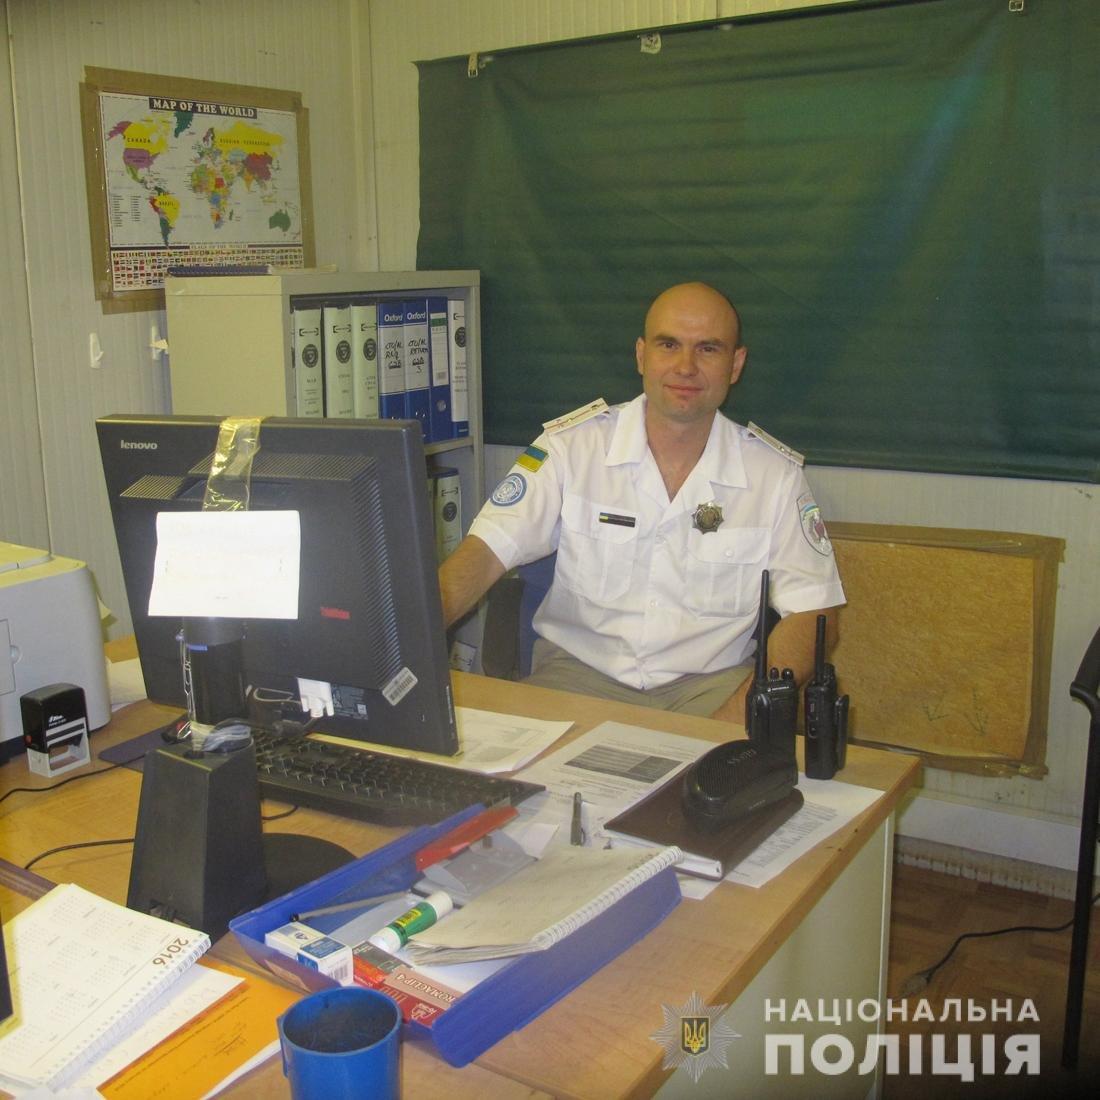 Володимир Добровольський - поліцейський Житомирщини за якого не соромно, фото-6